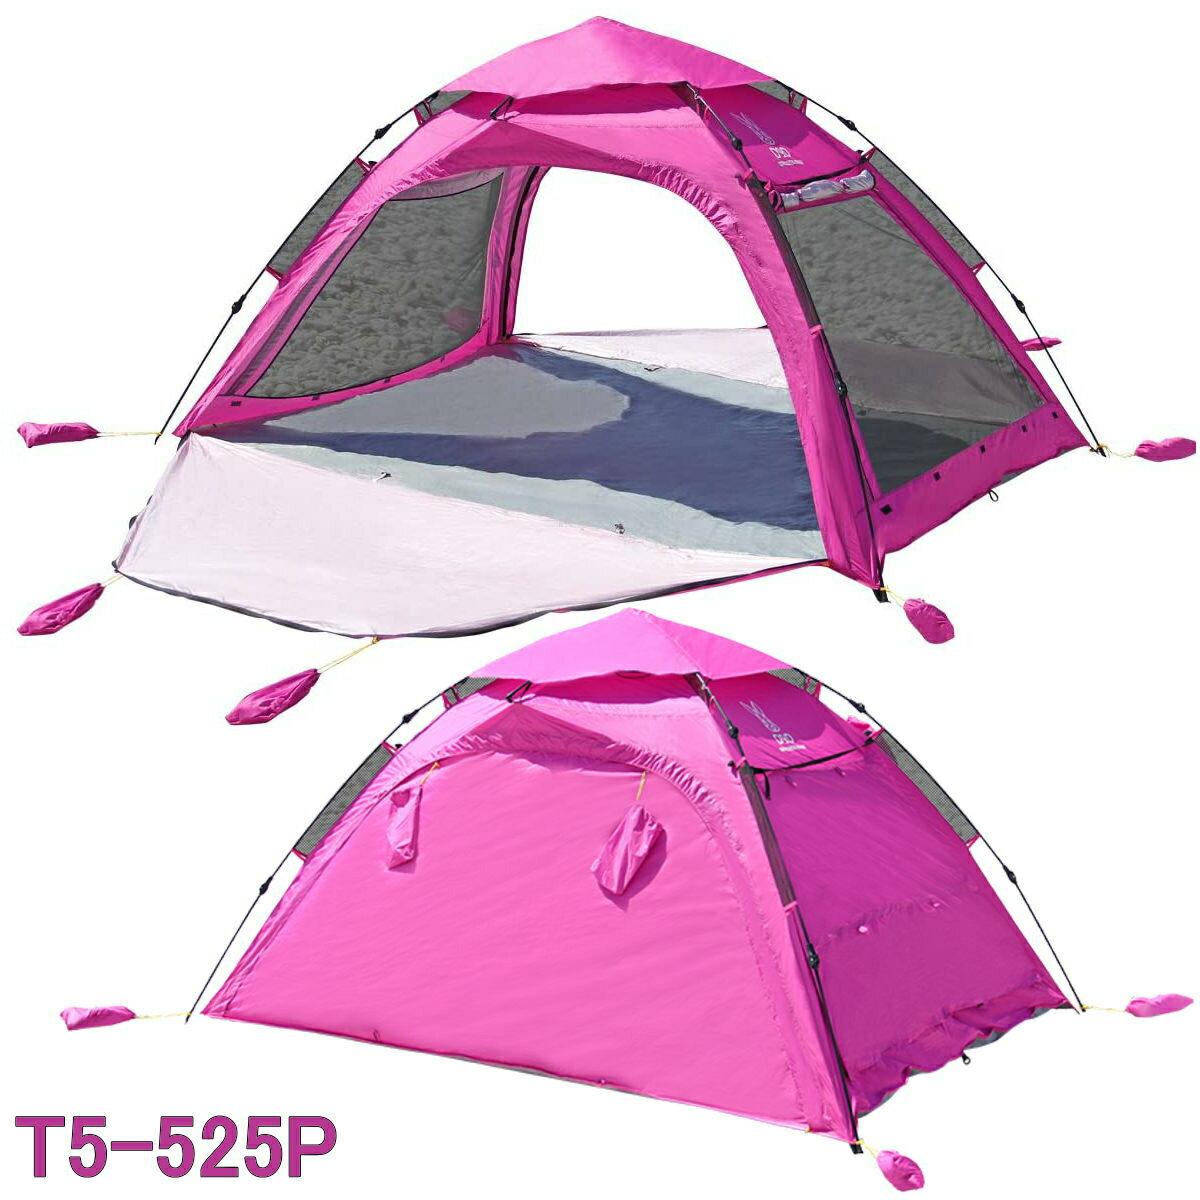 【あす楽】DOD ワイドビーチテント | 5人用 | T5-525 | 全2色 | フルクローズOK | 耐水圧1500mm